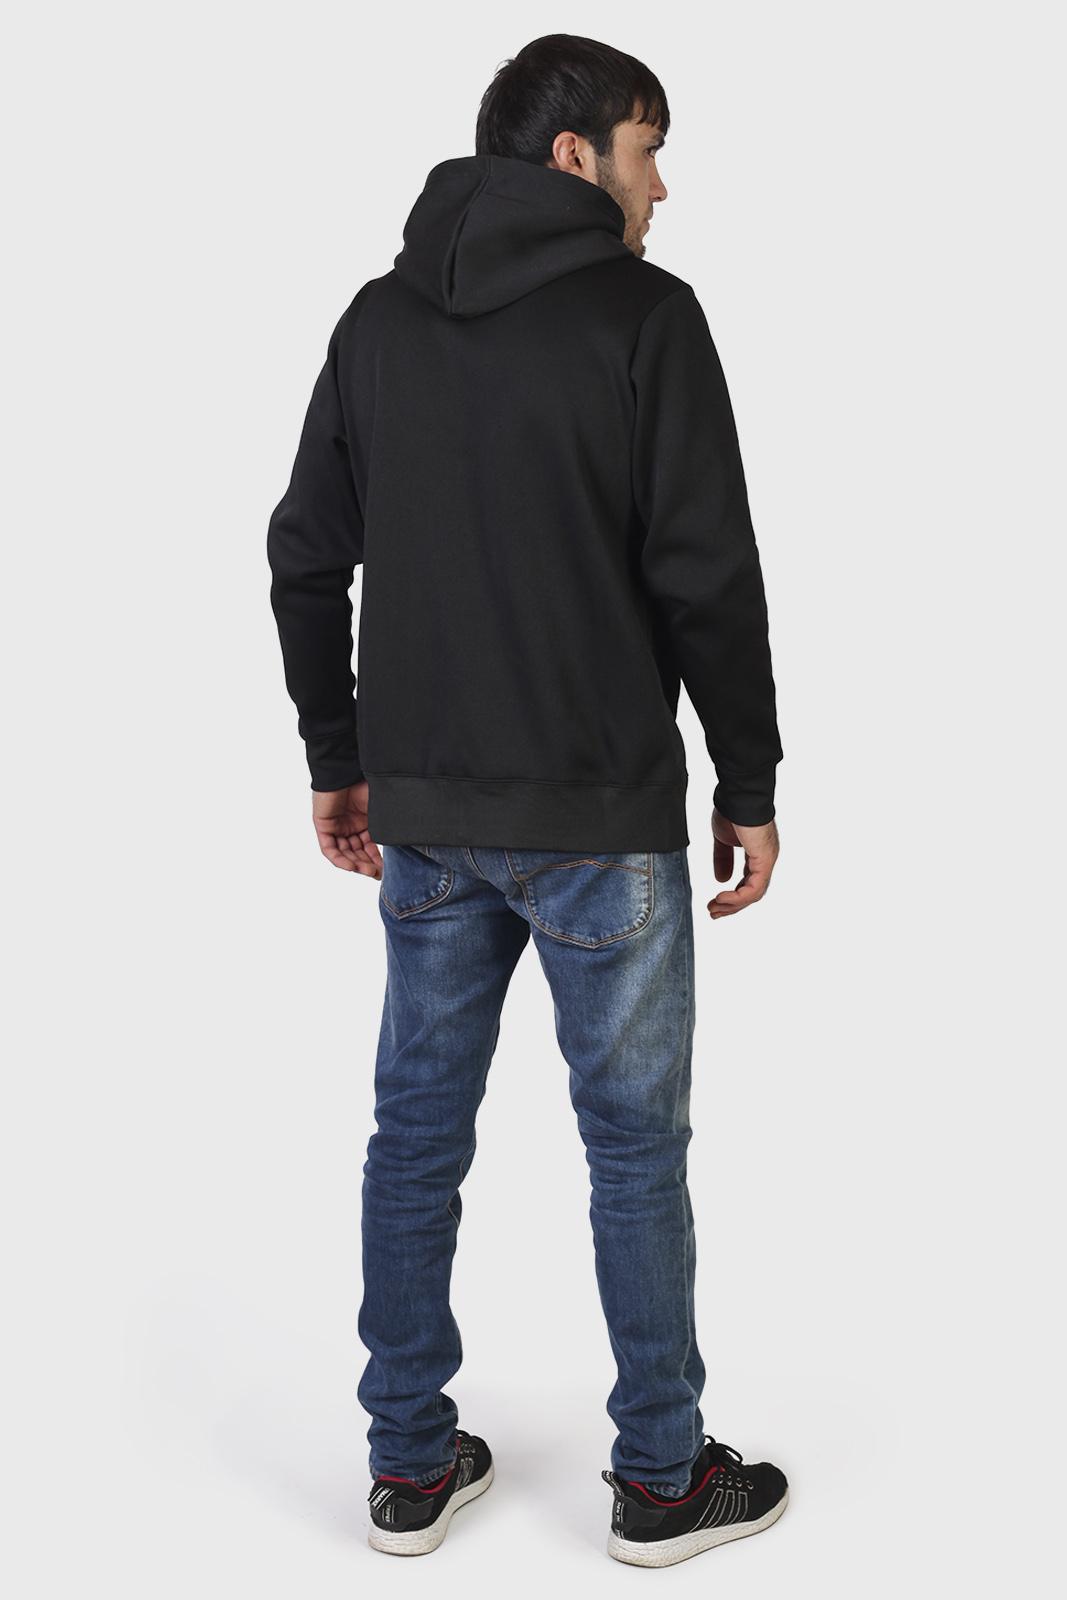 Мужская армейская толстовка с эмблемой 14 ОБрСпН купить оптом